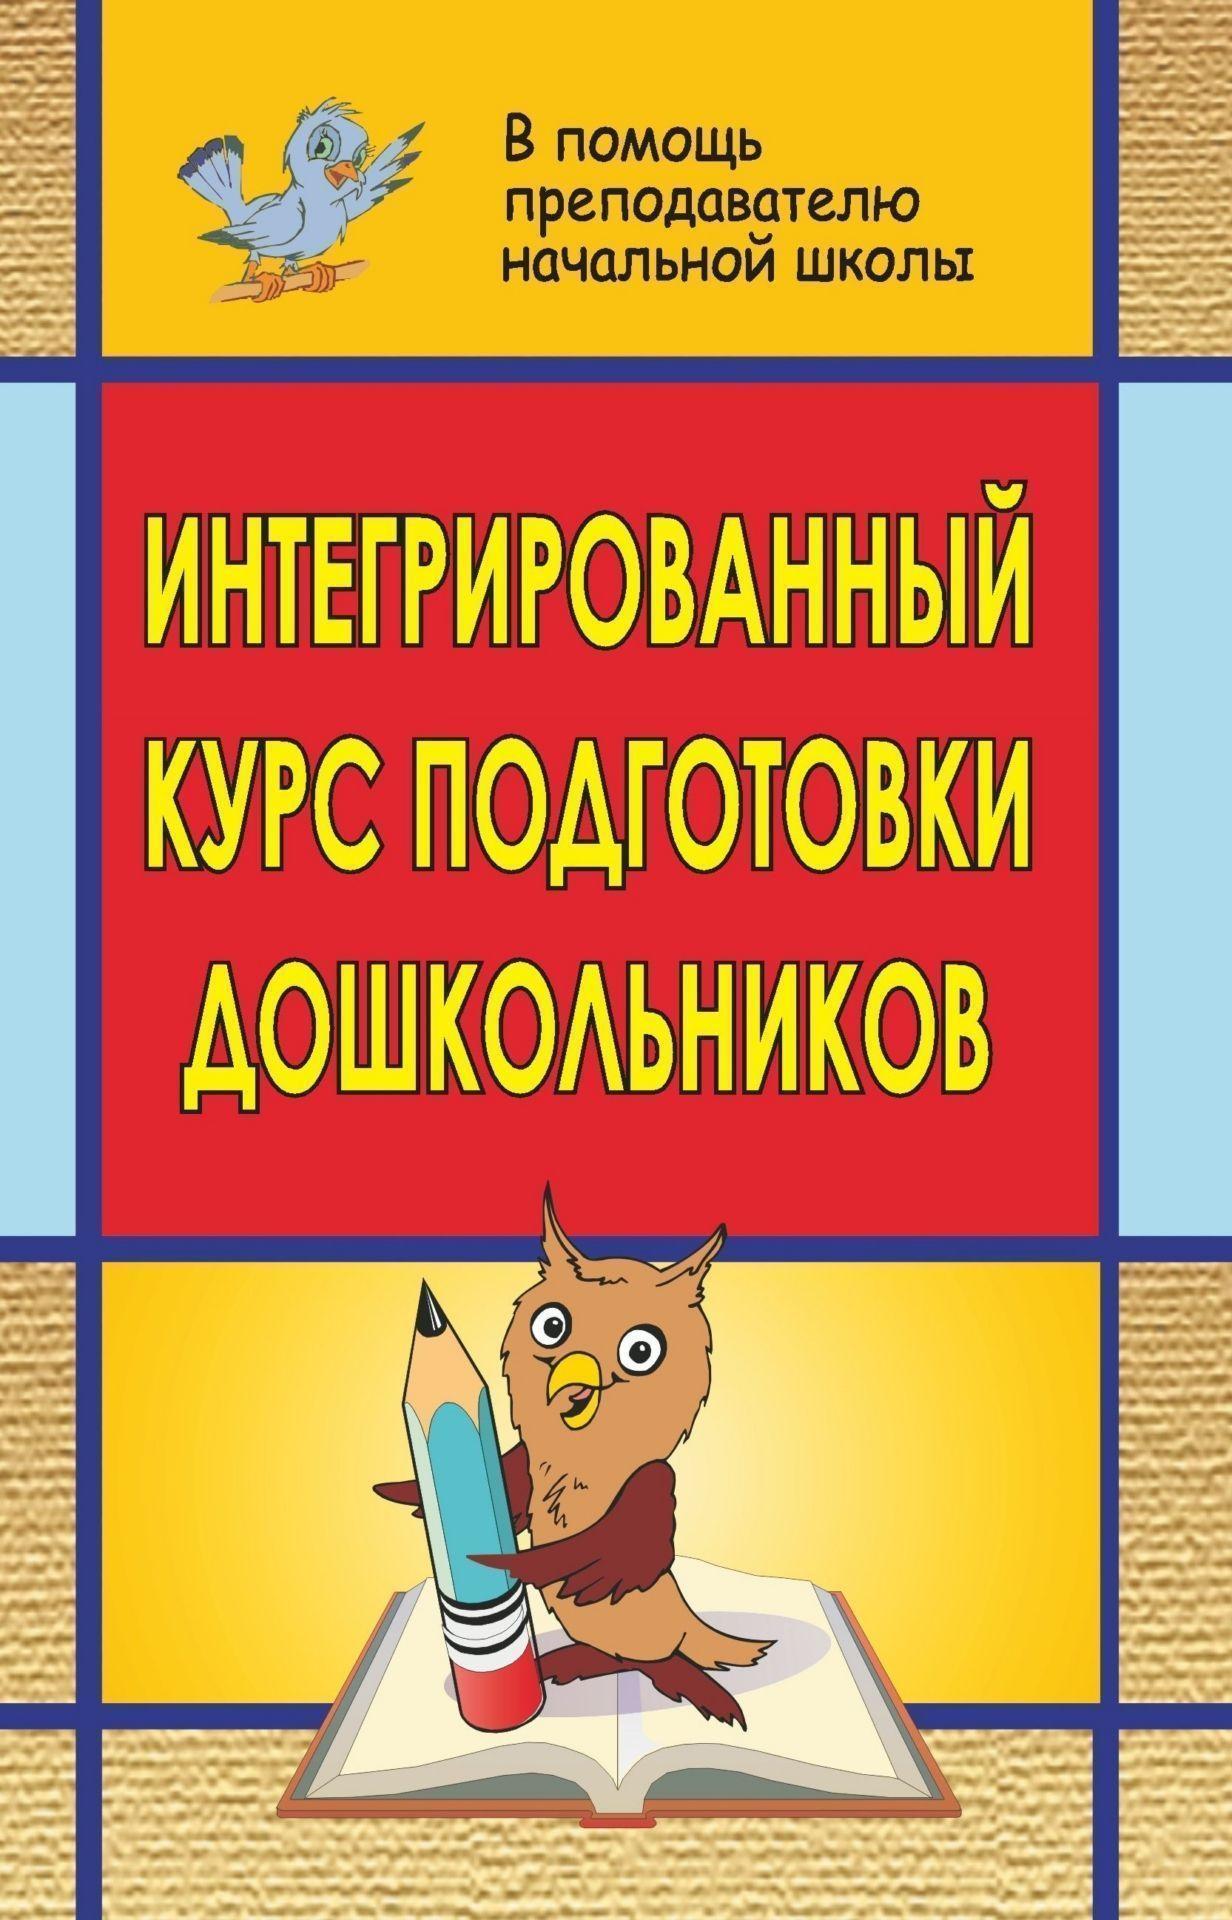 Интегрированный курс подготовки дошкольников к школе